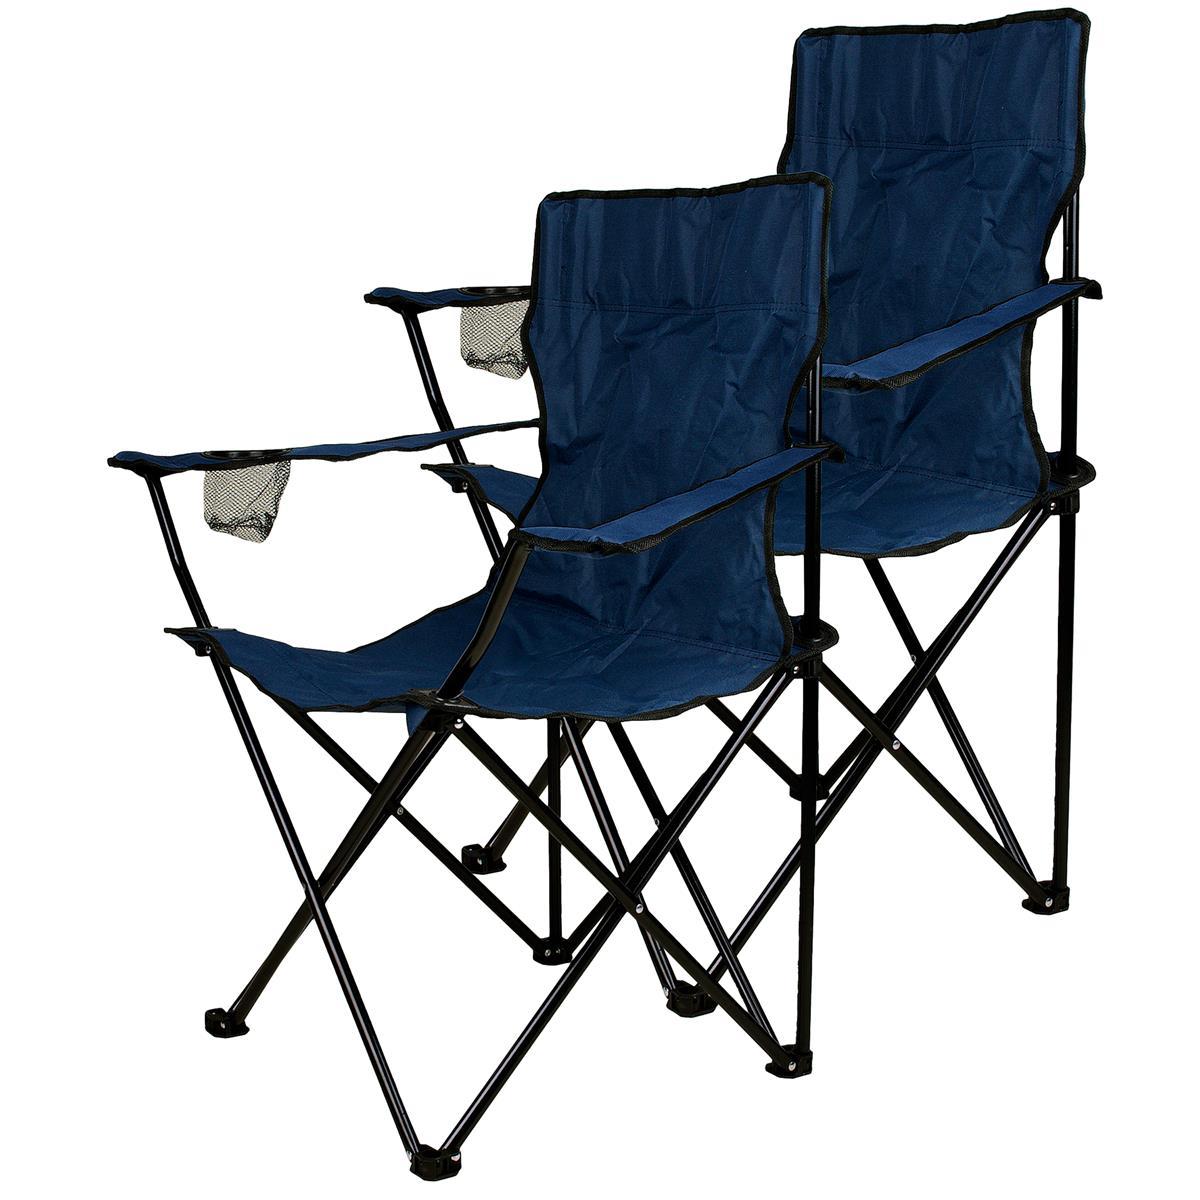 2er Set Faltstuhl Campingstuhl mit Armlehne Getränkehalter blau